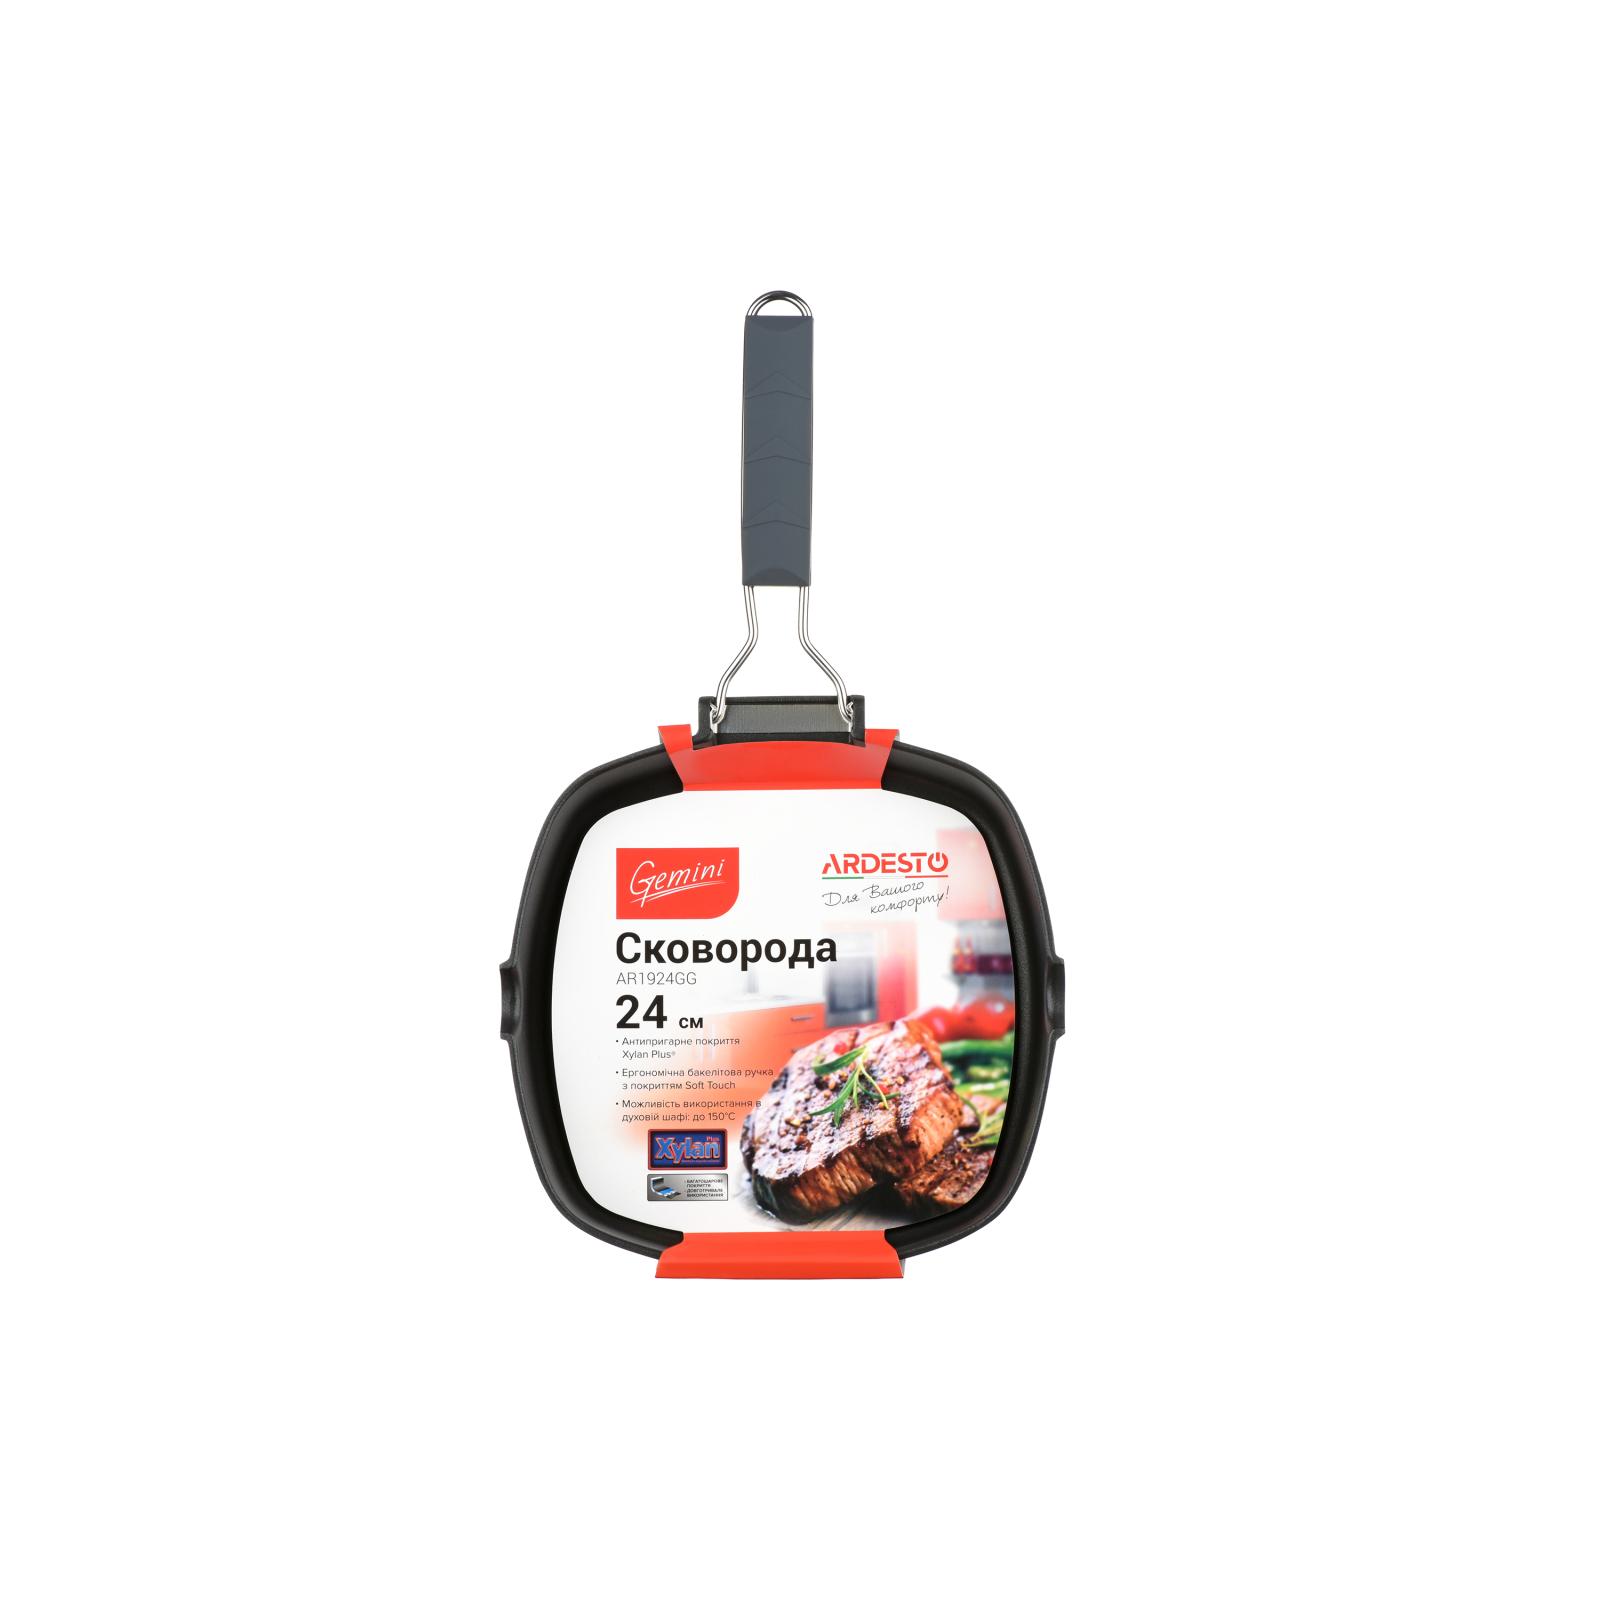 Сковорода Ardesto Gemini Grill 28 см (AR1924GG) изображение 6